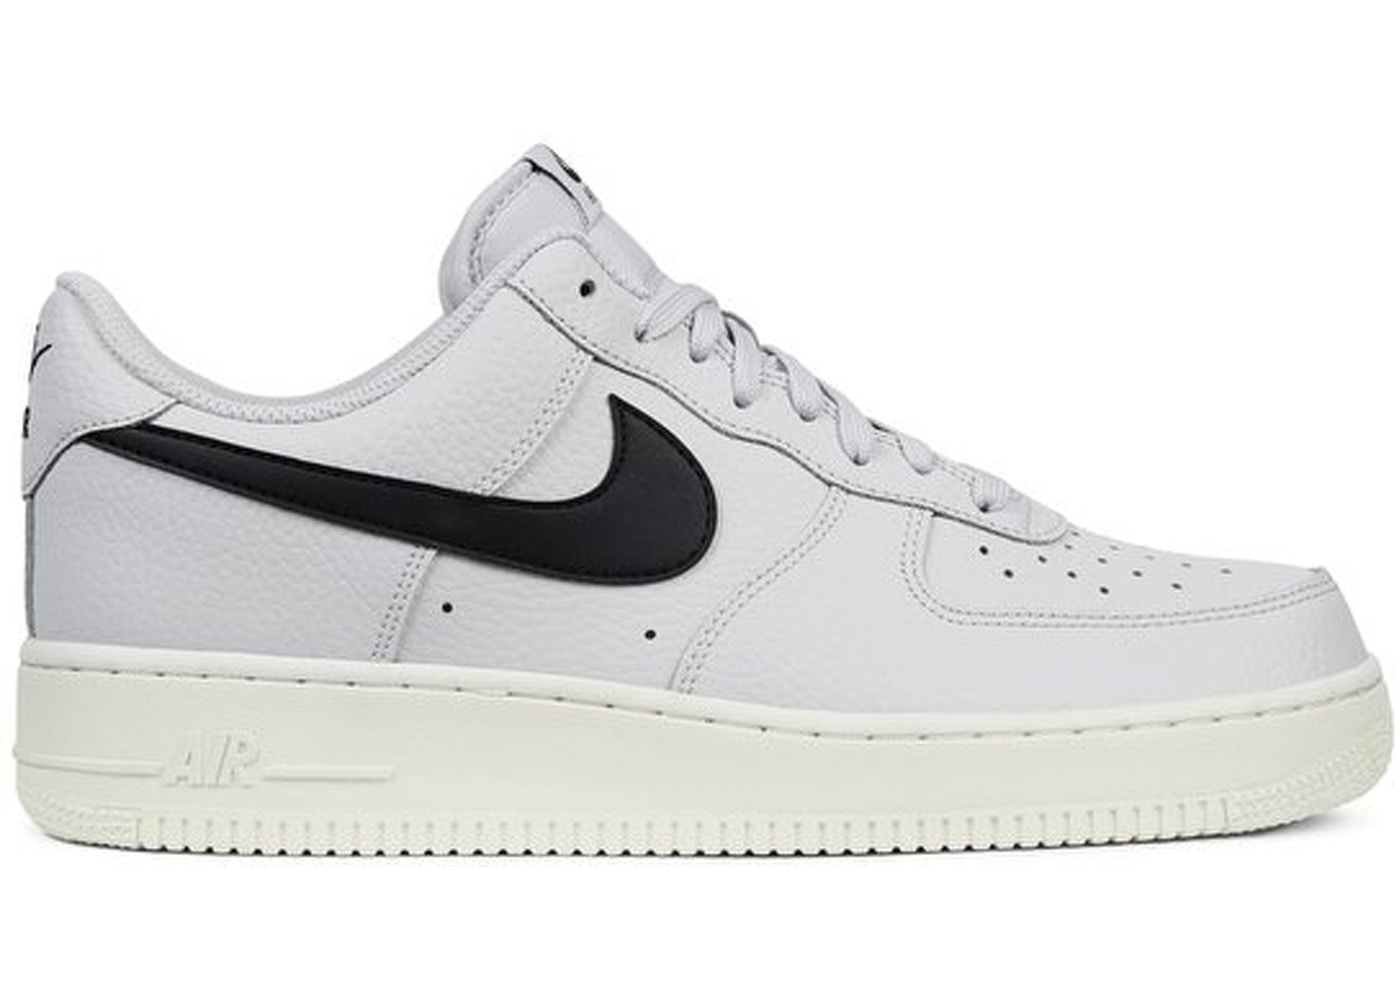 Nike Air Force 1 Low Vast Grey Black